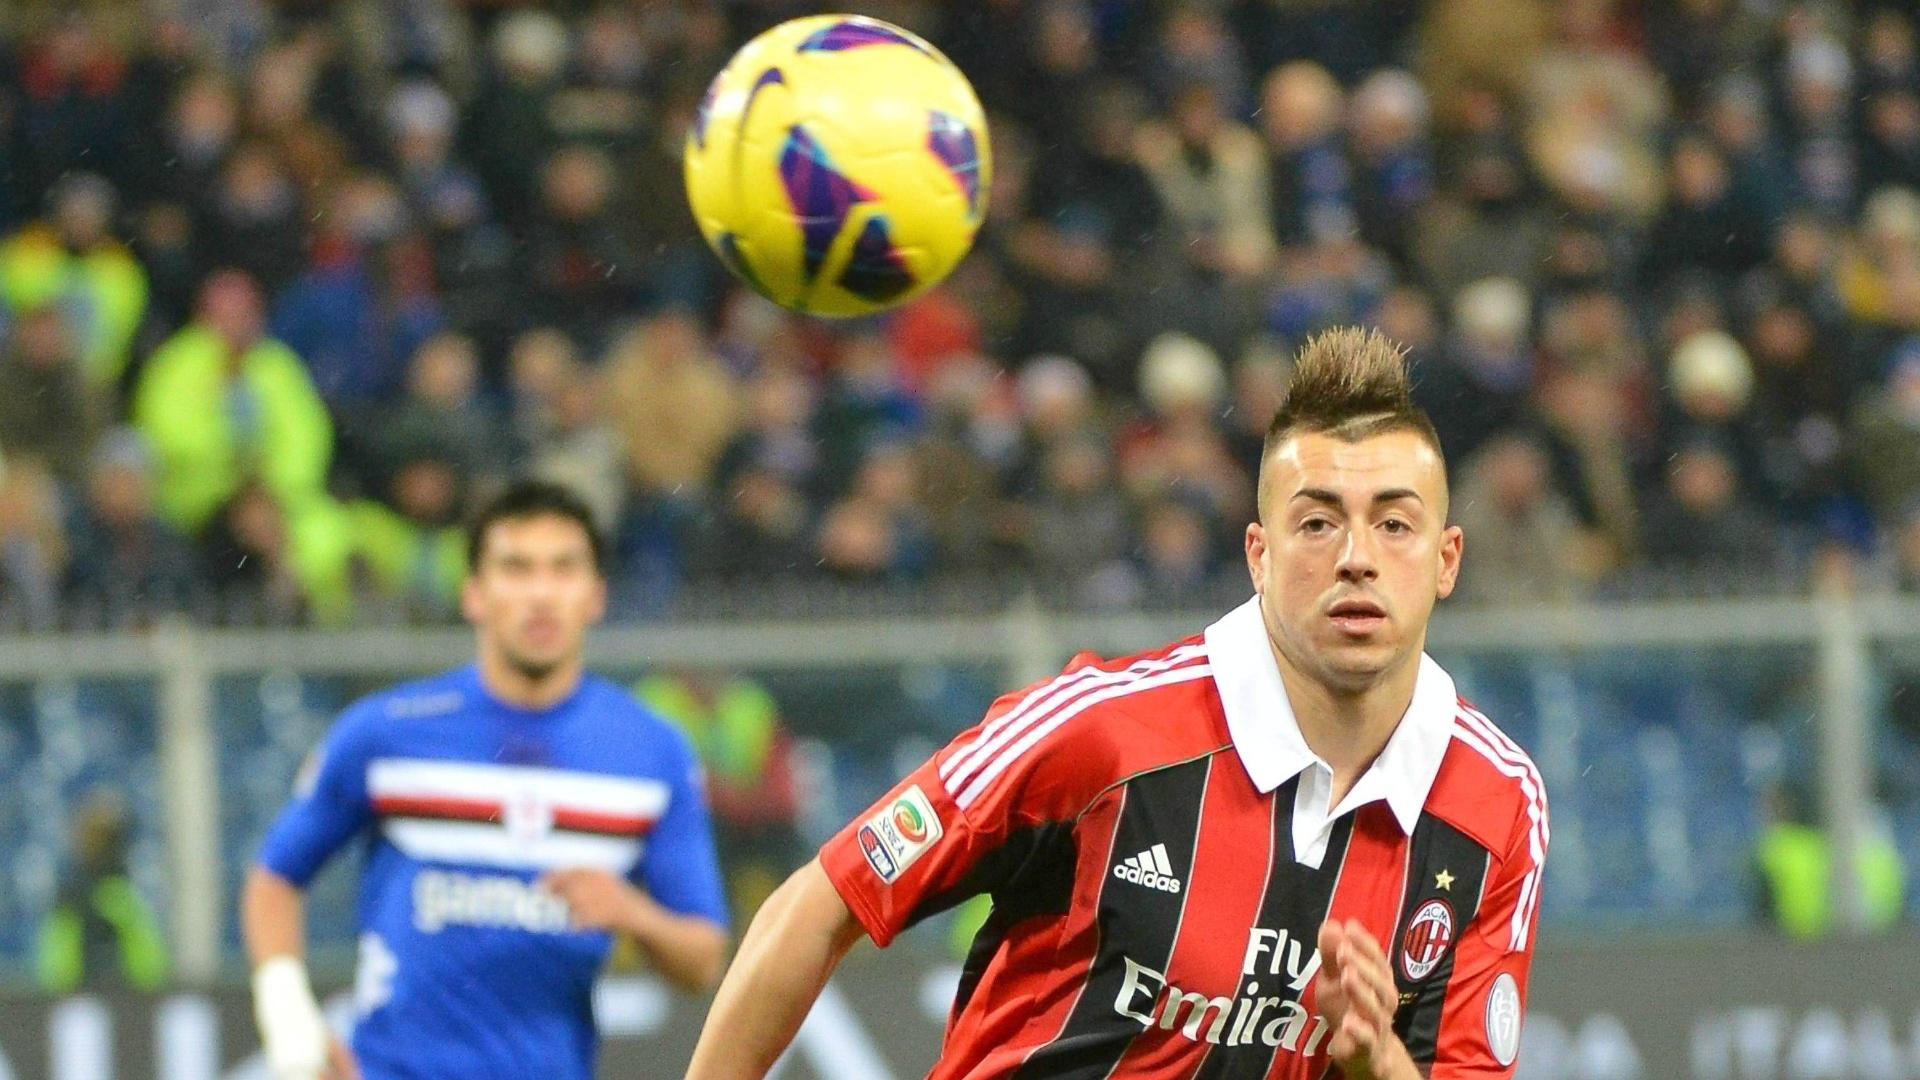 13.jan.2013 - Stephan El Sharaawy, atacante do Milan, corre atrás da bola durante a partida contra a Sampdoria, pelo Campeonato Italiano